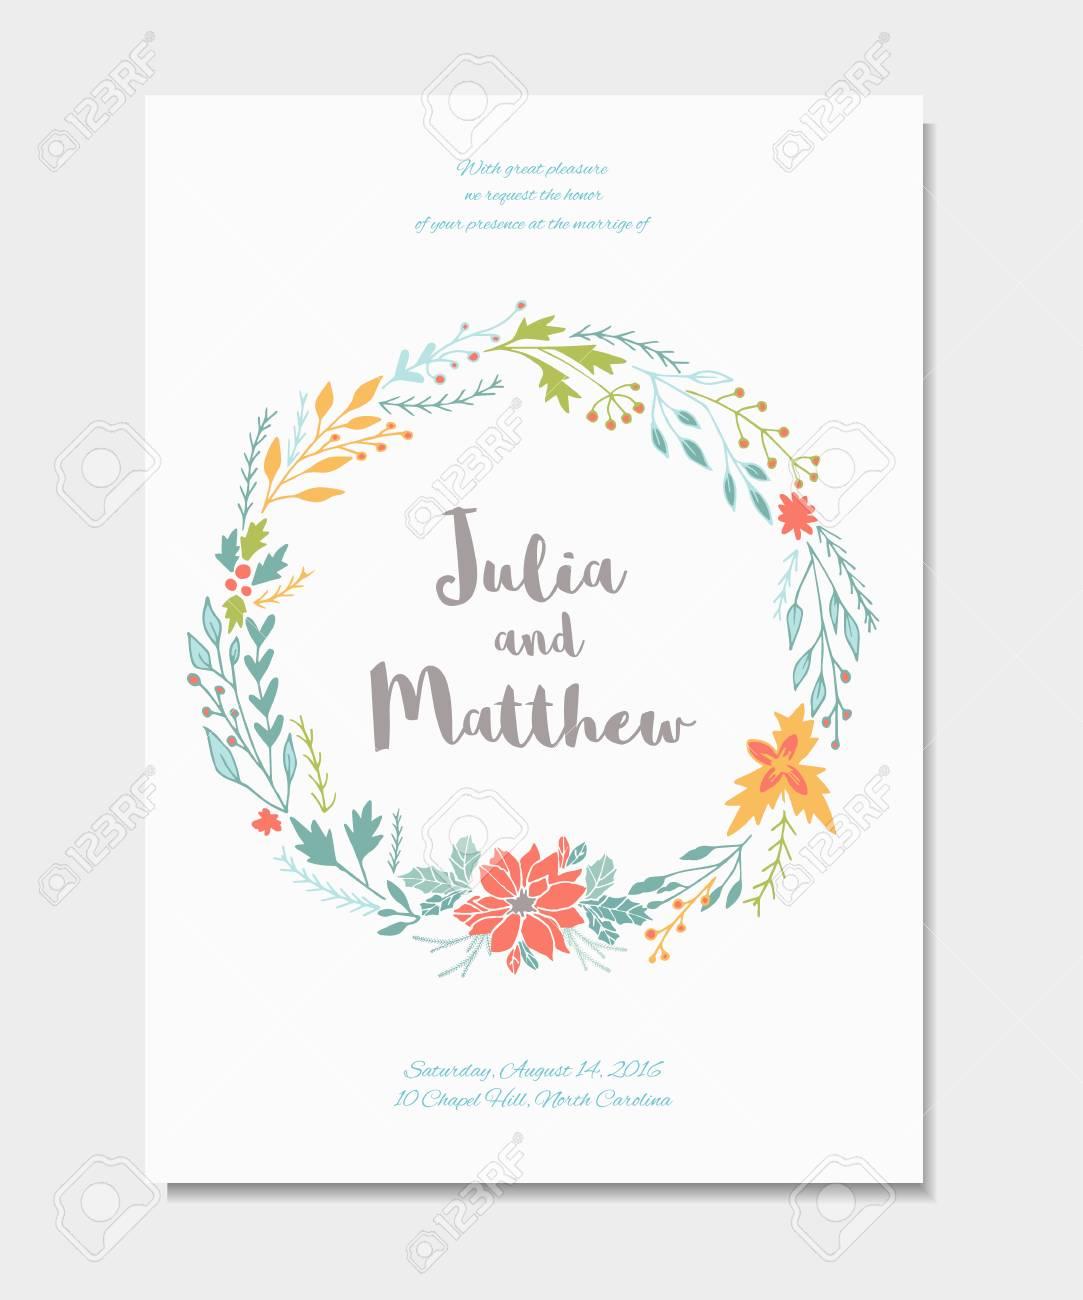 Invitacion De Boda Con Corona Floral Flores Plantilla De Vectores